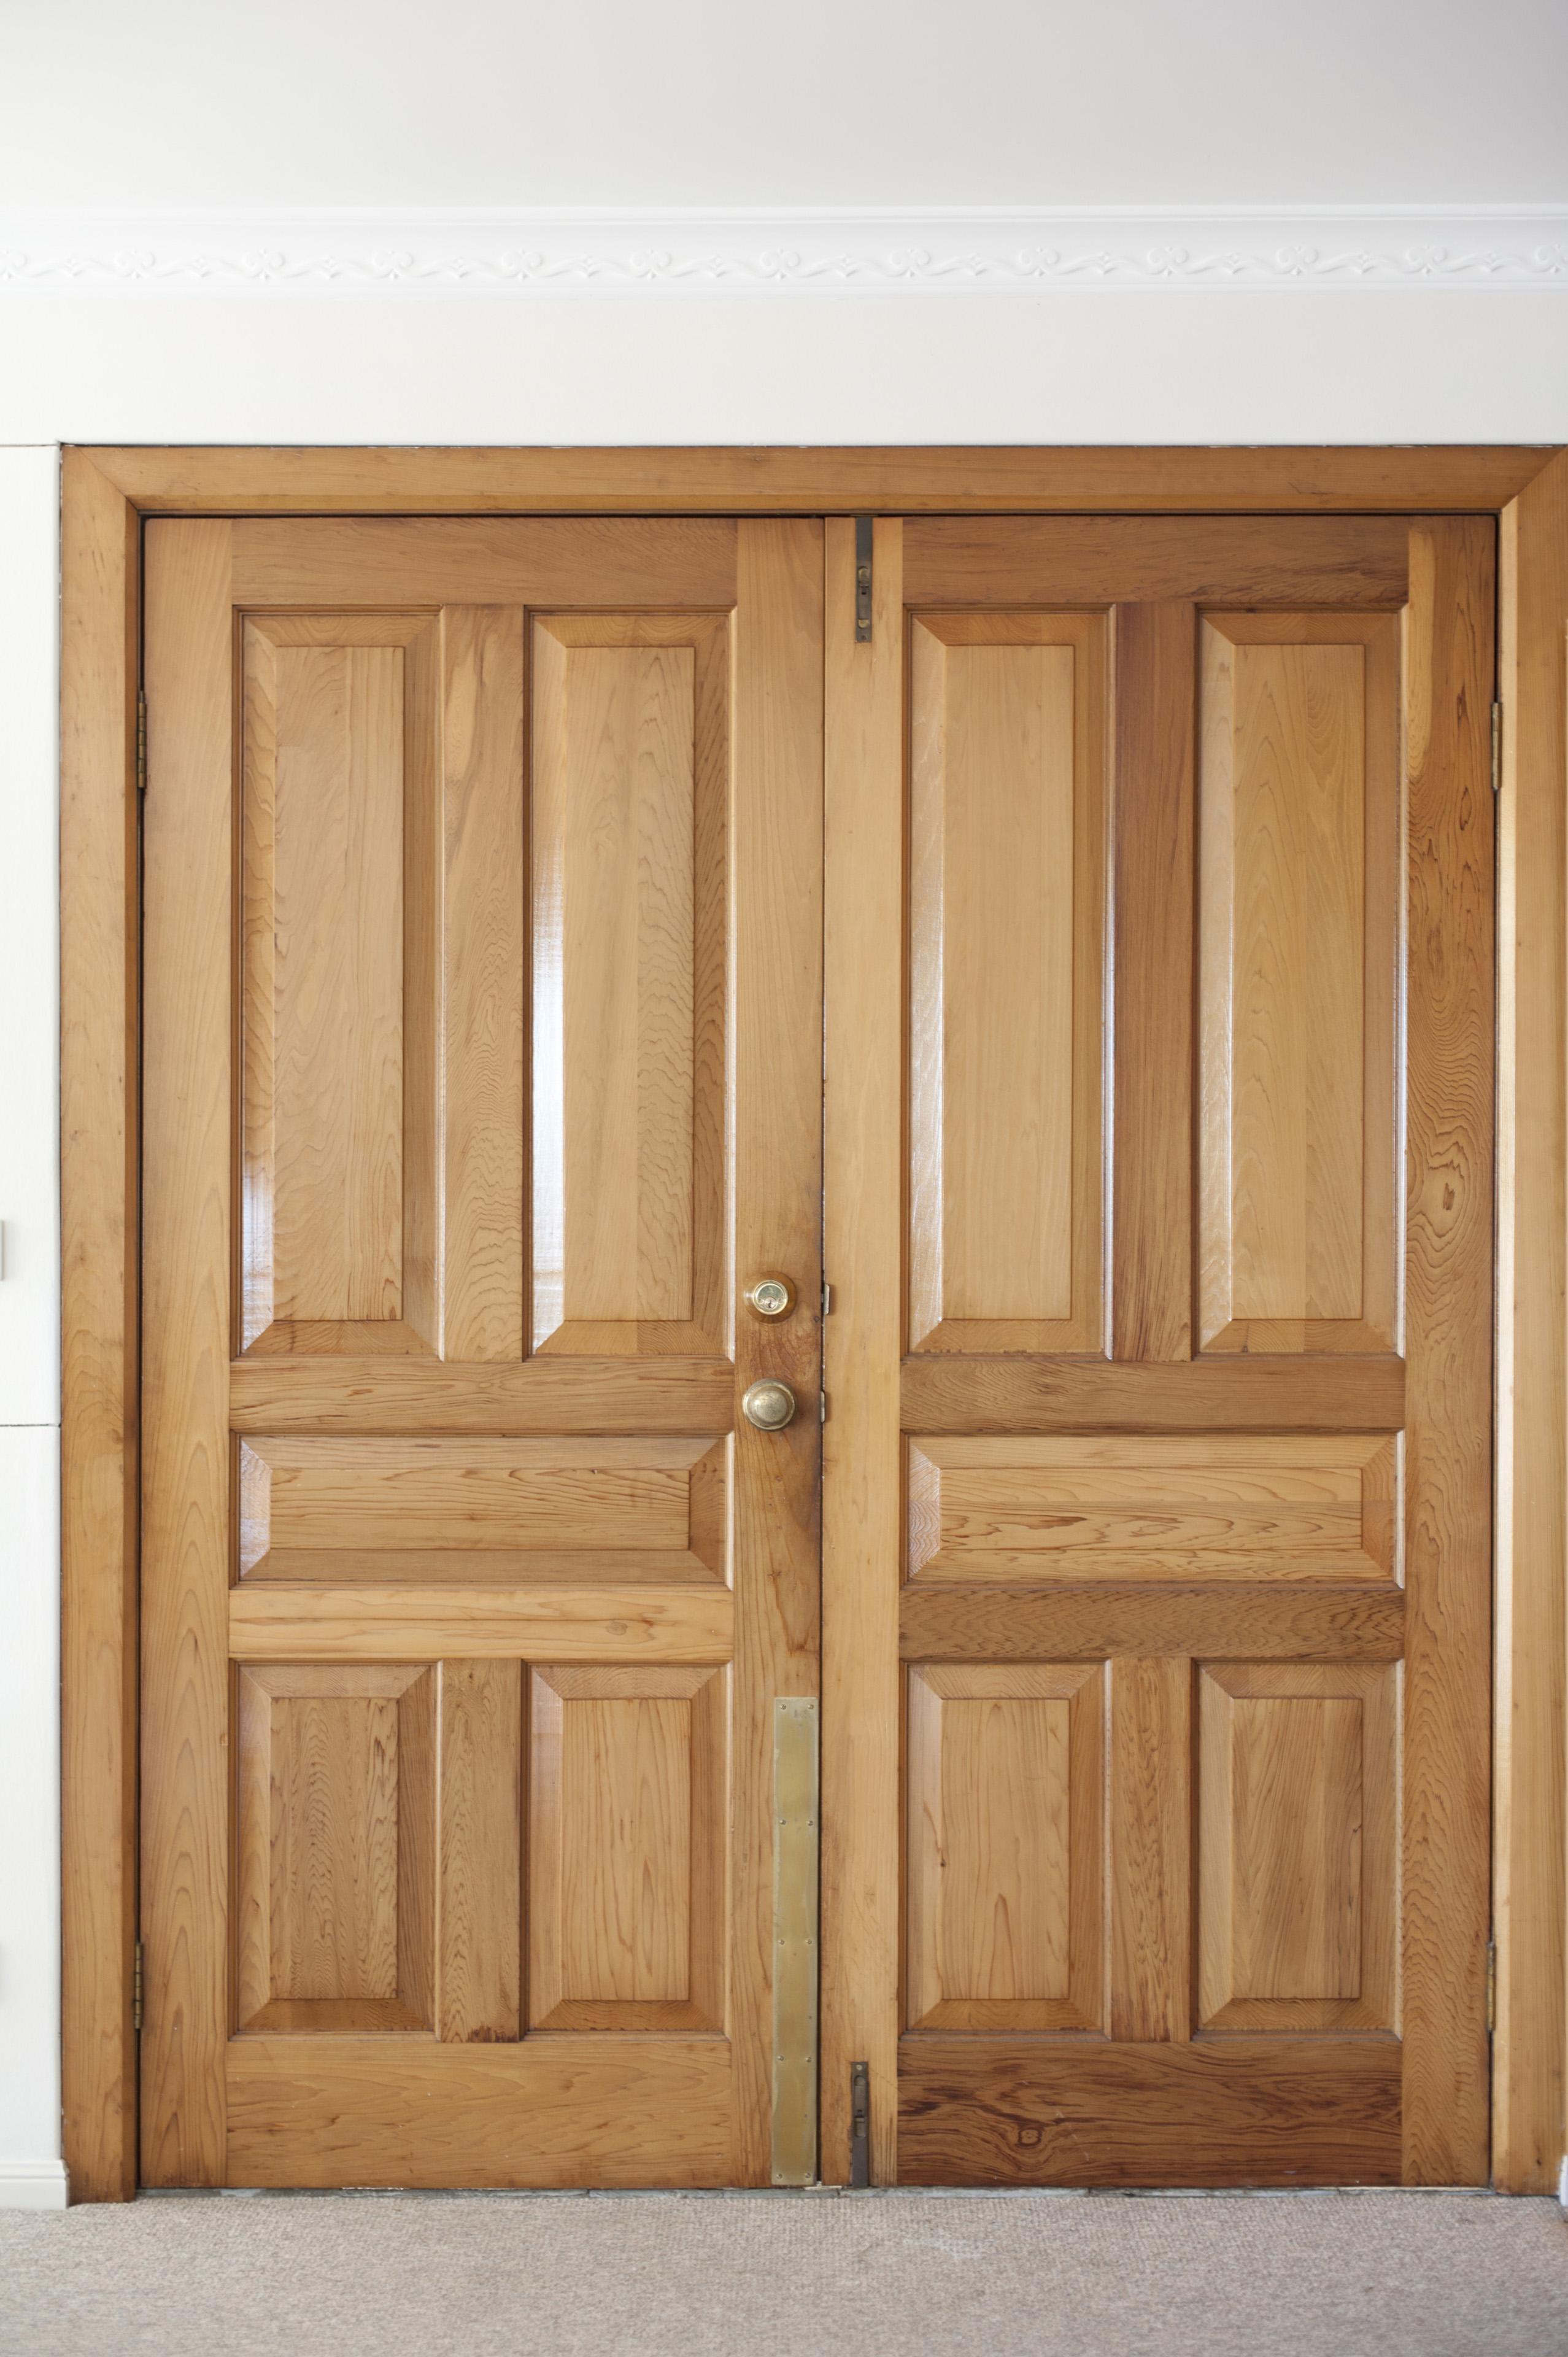 Closed double door clipart clip download Wooden double door clipart - ClipartFest clip download